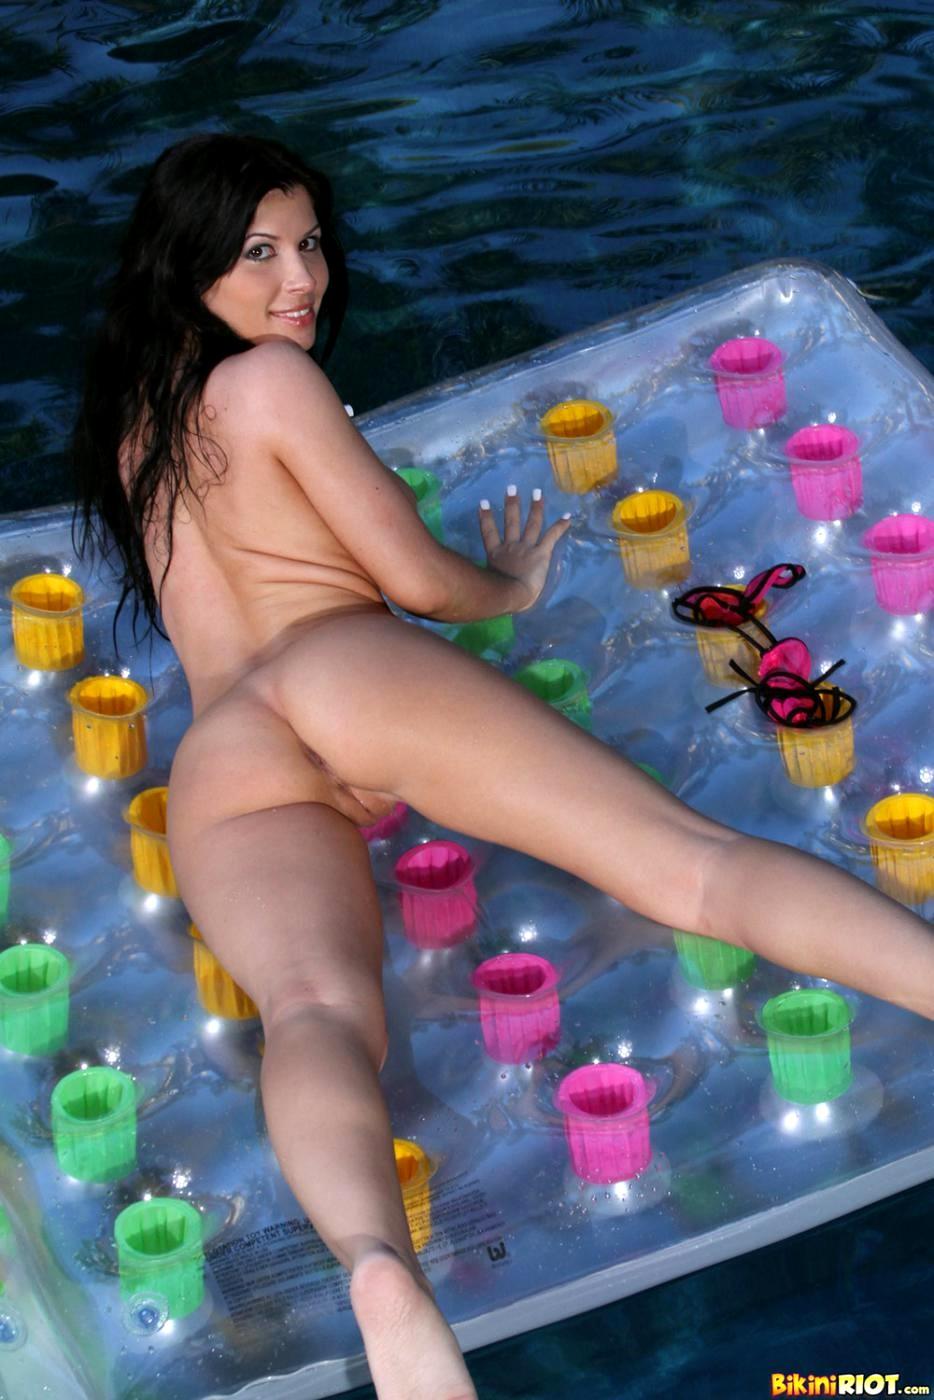 linares bikini riot rebecca